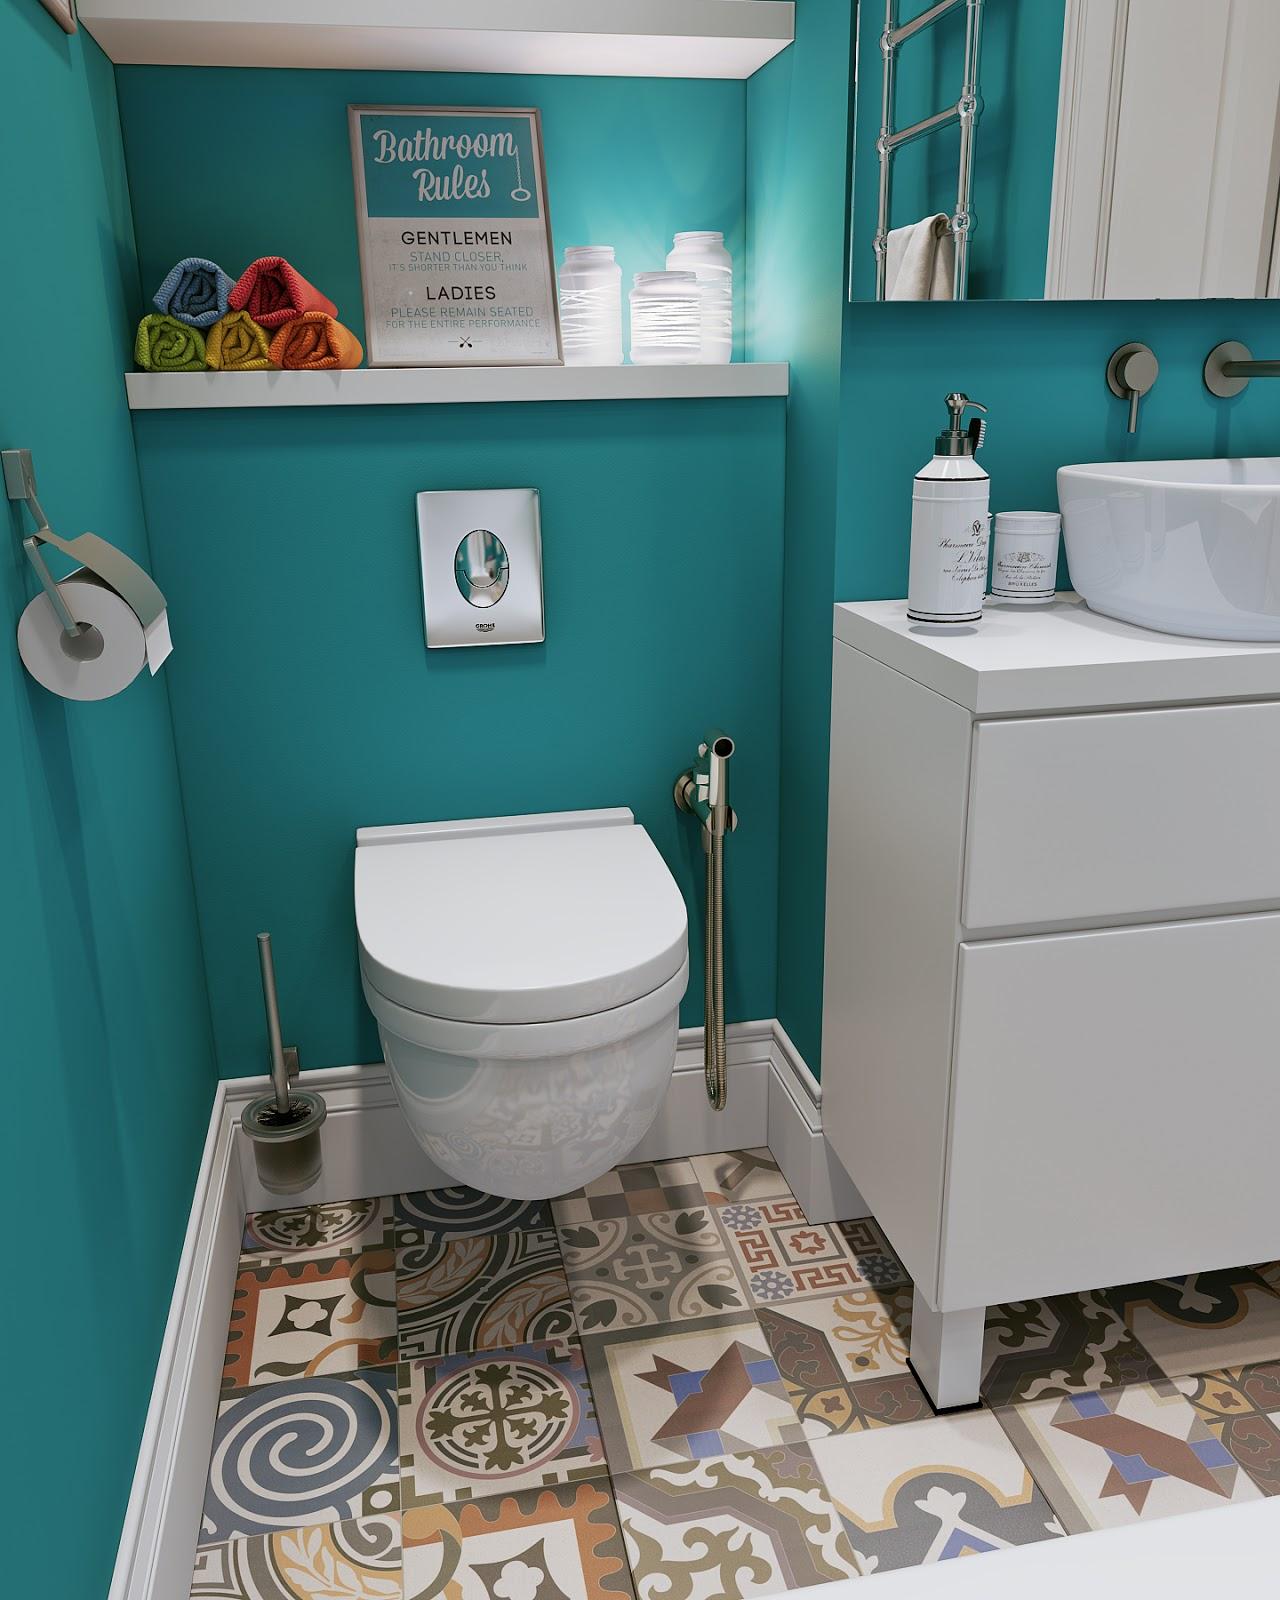 Arredare piccoli spazi giocando con i colori 25 mq for Carrelage salle de bain colore